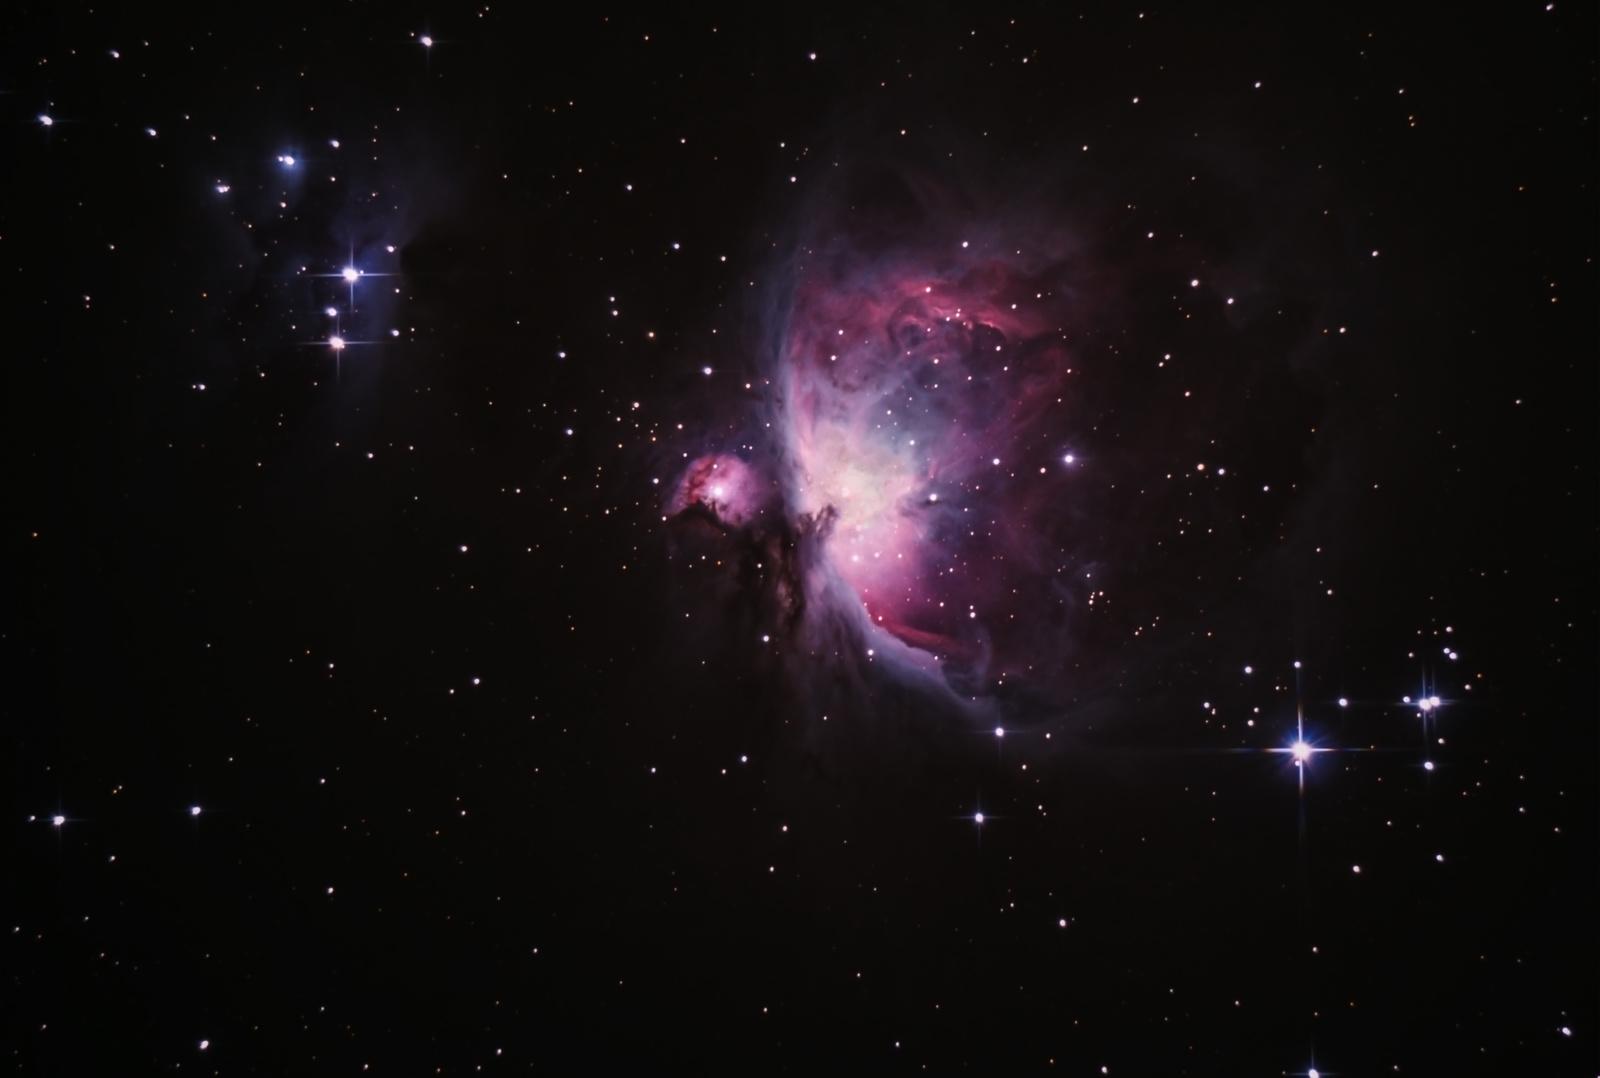 M42_Orion_8_02_2019v2.jpg